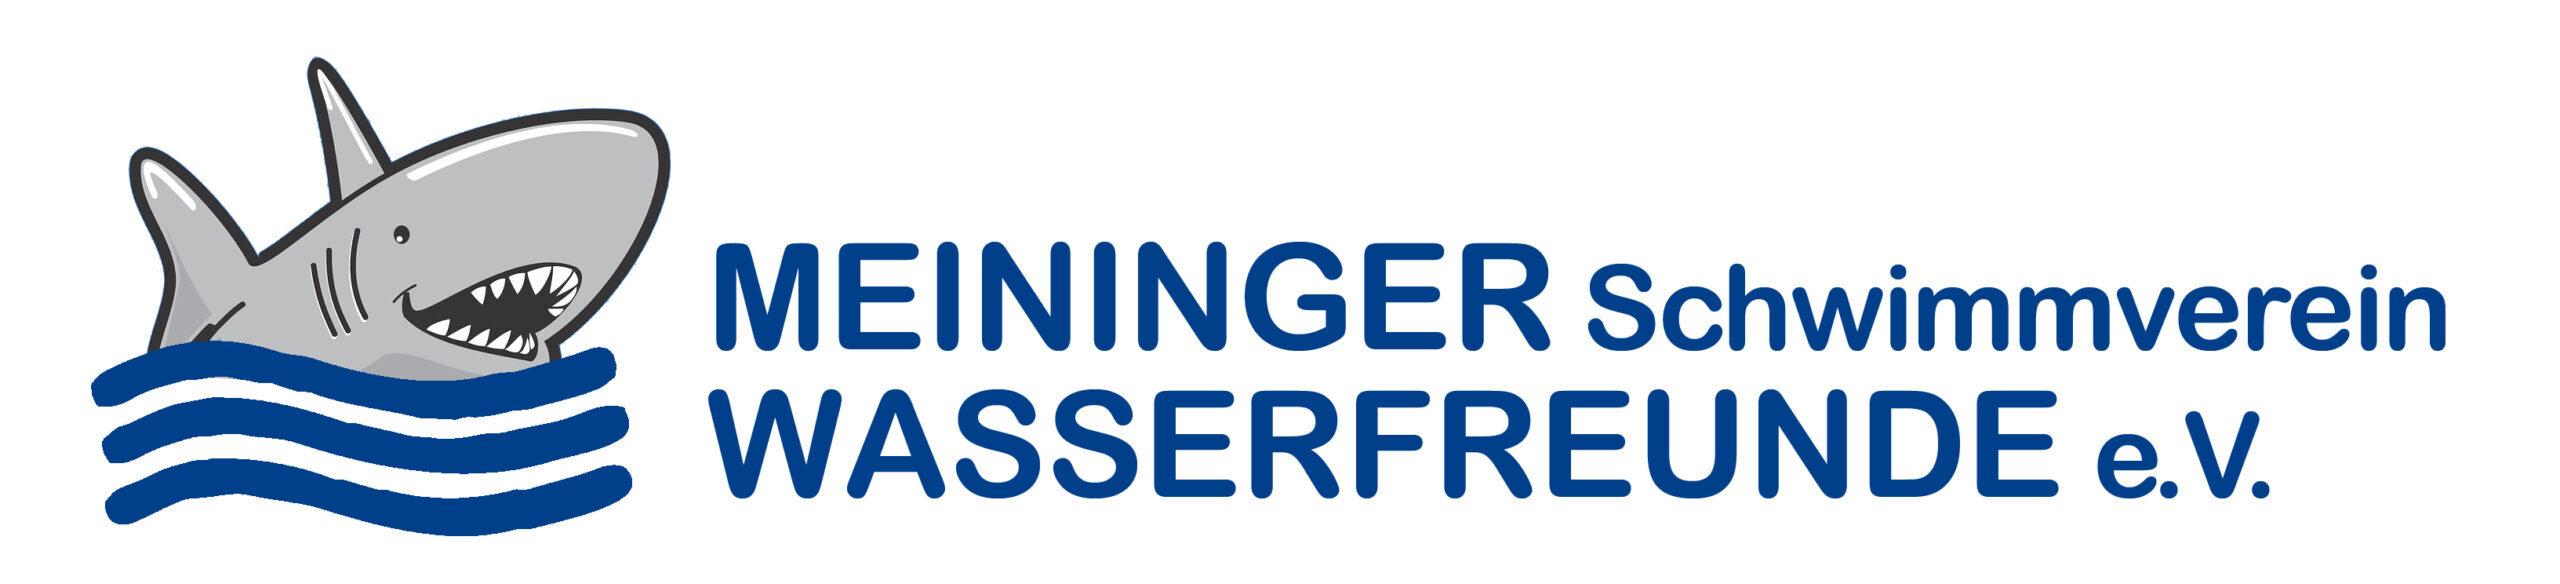 Meininger Schwimmverein Wasserfreunde e.V.